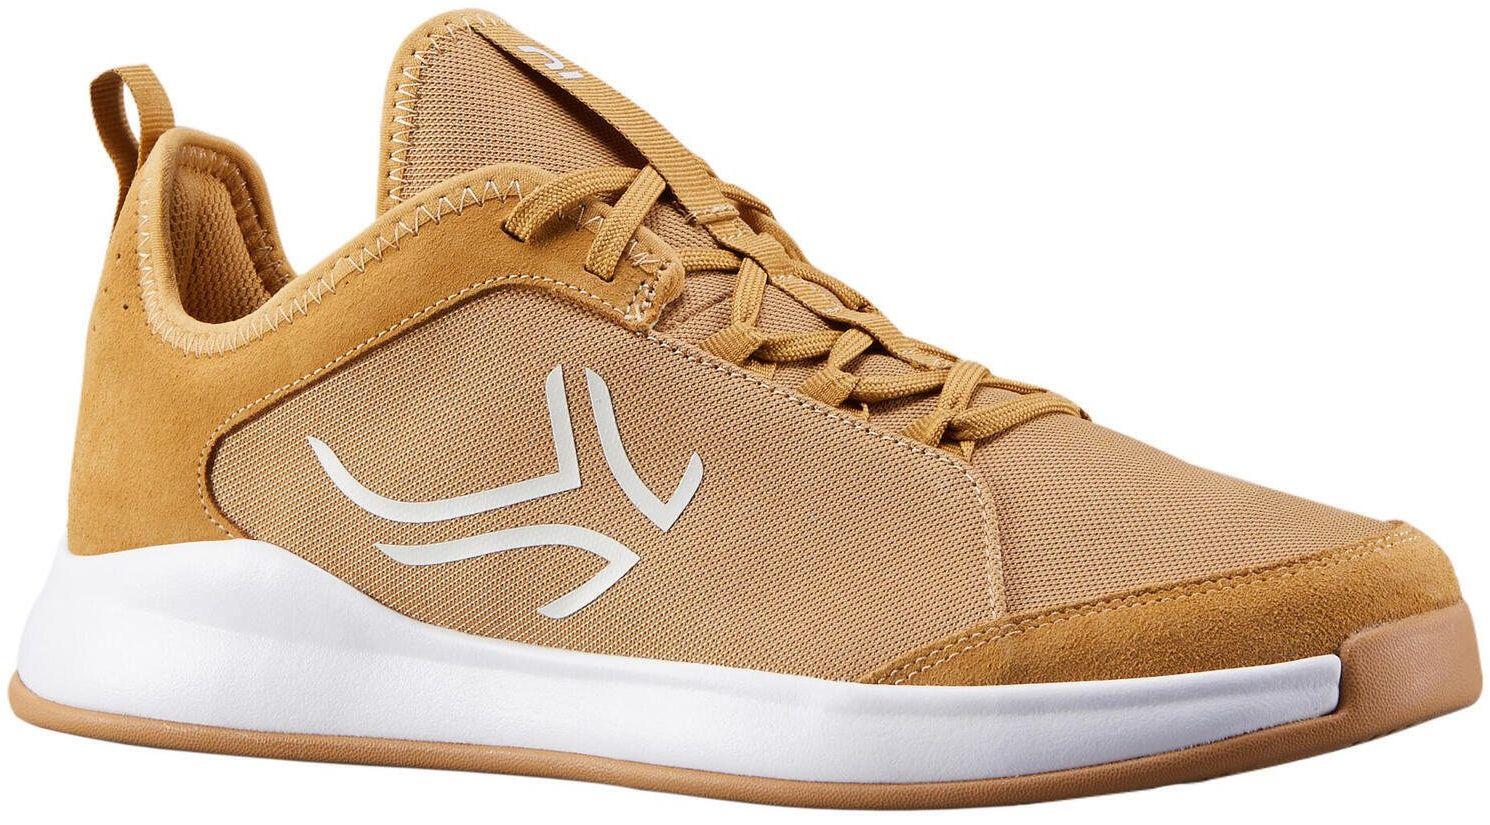 Buty tenisowe męskie Artengo TS130 na każdą nawierzchnię